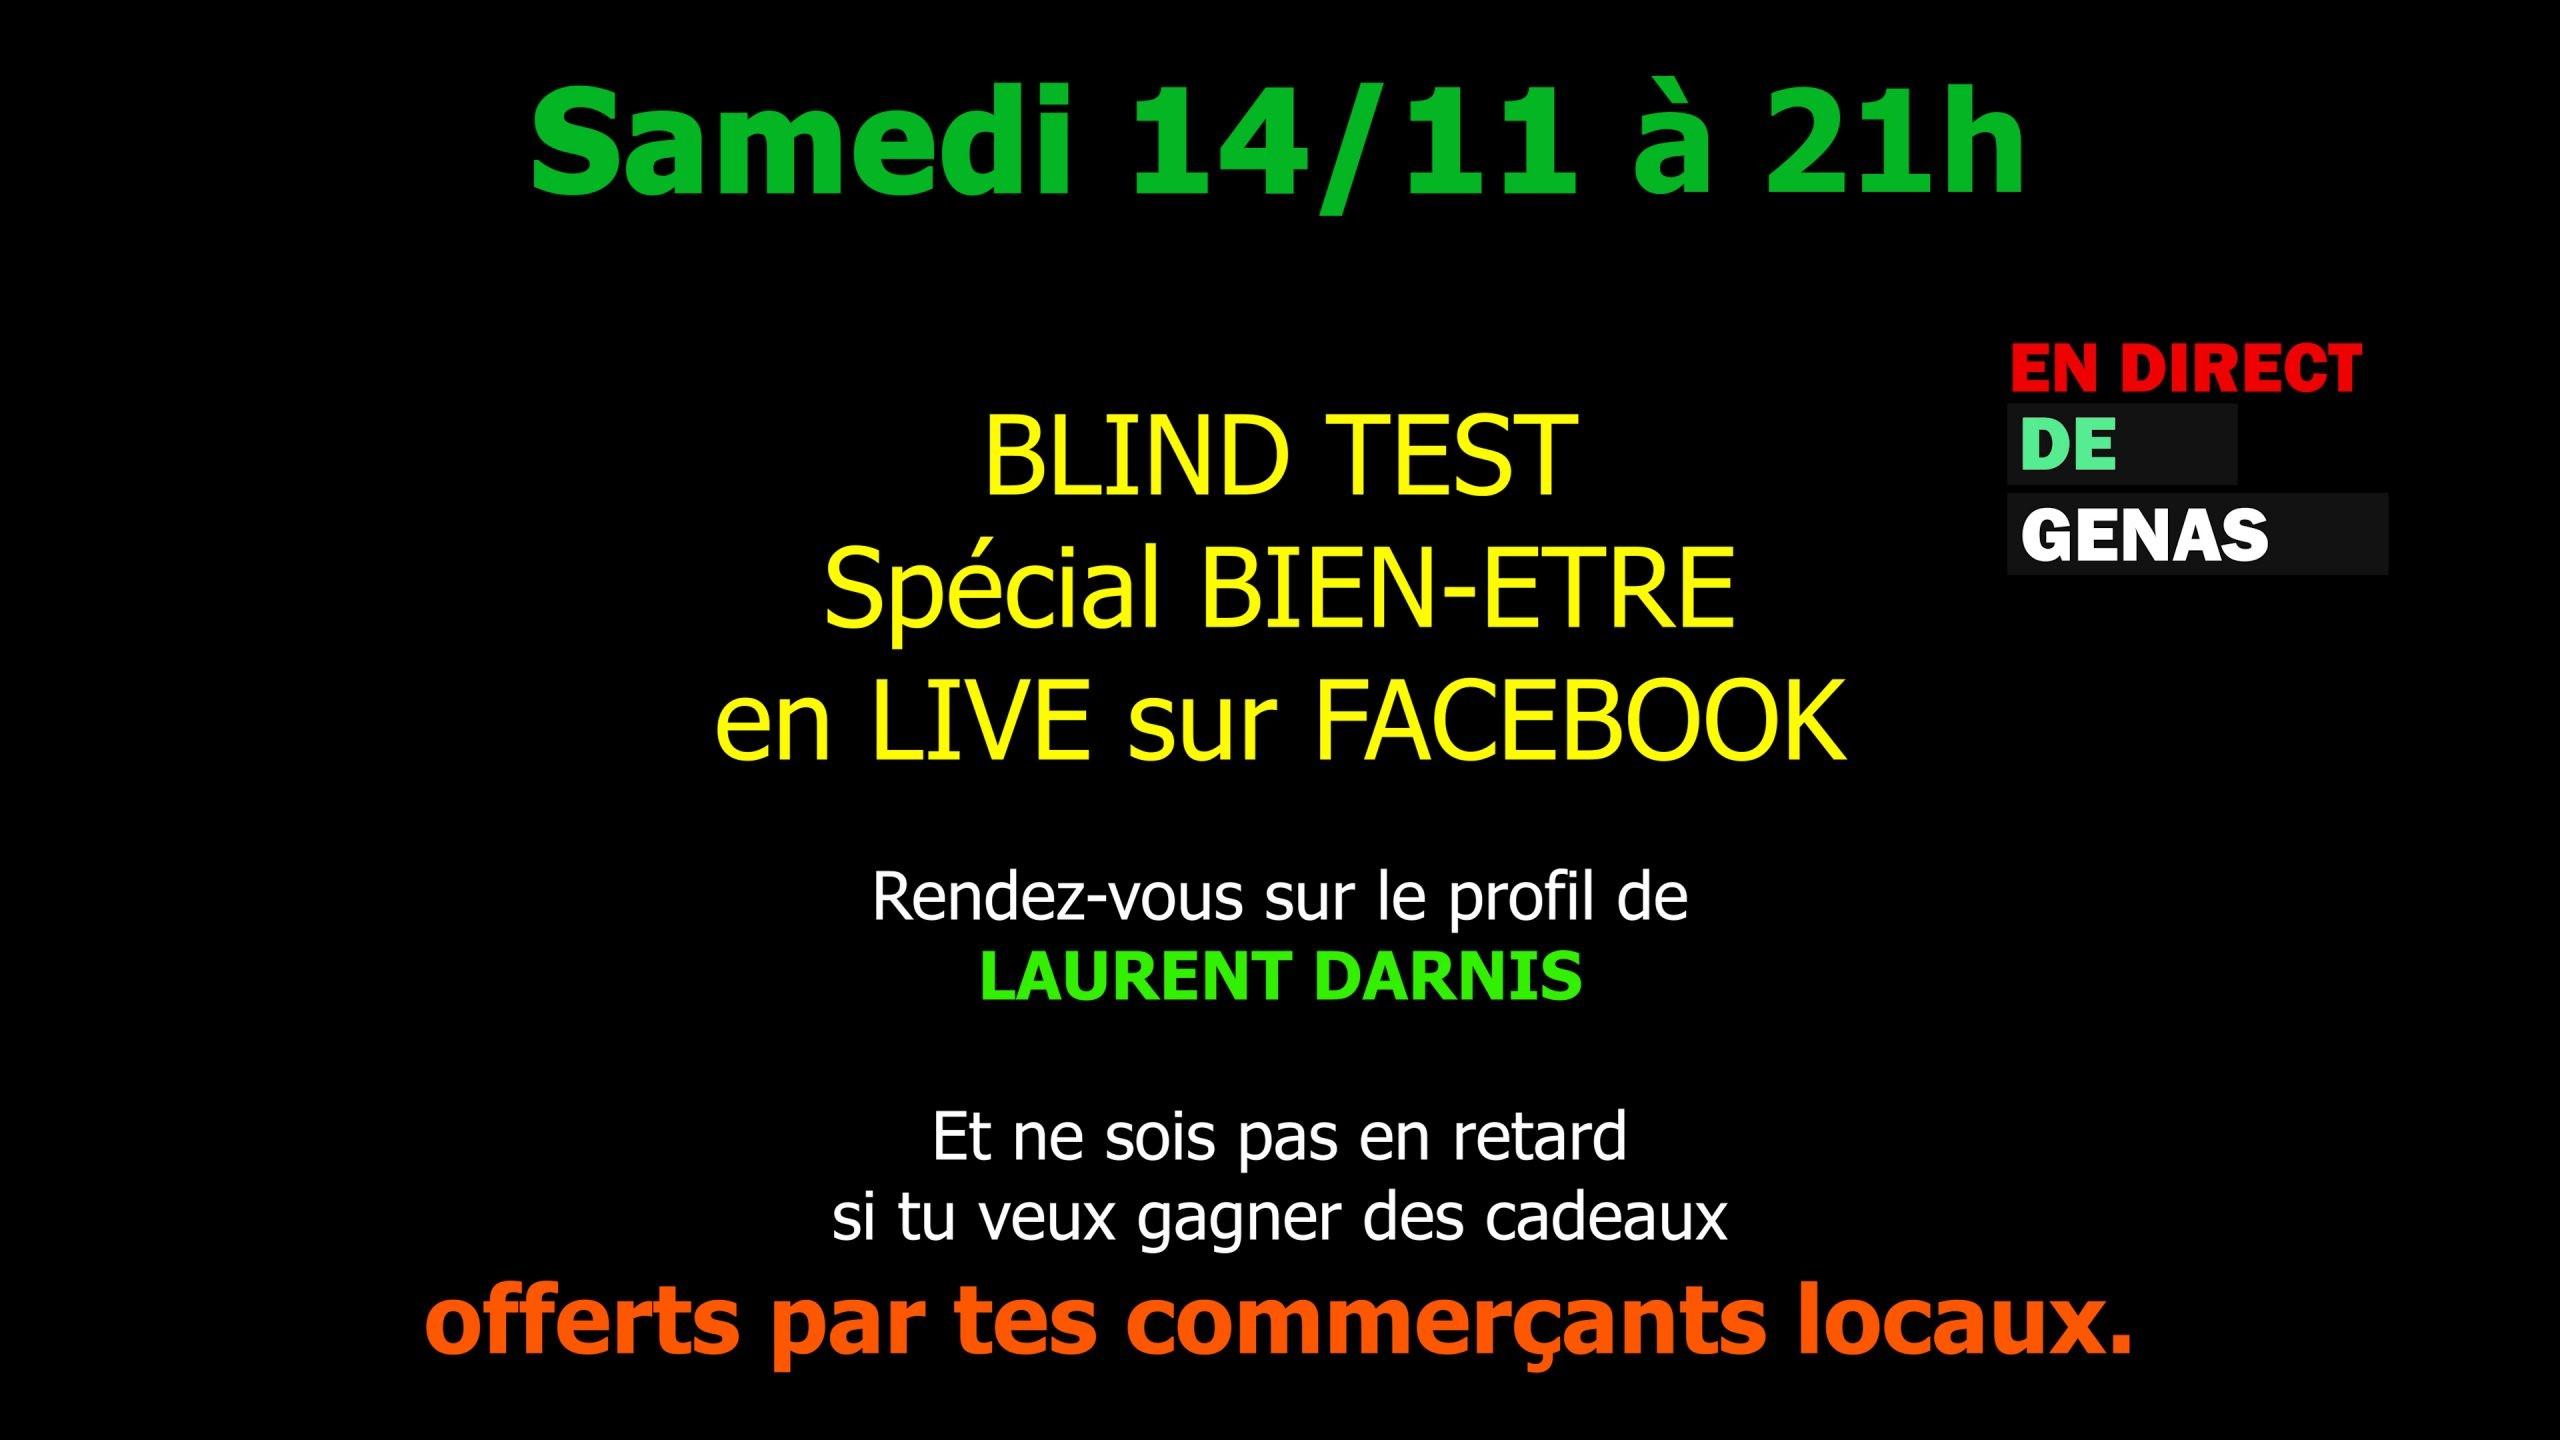 Blind Test Facebook Live genas Bien être